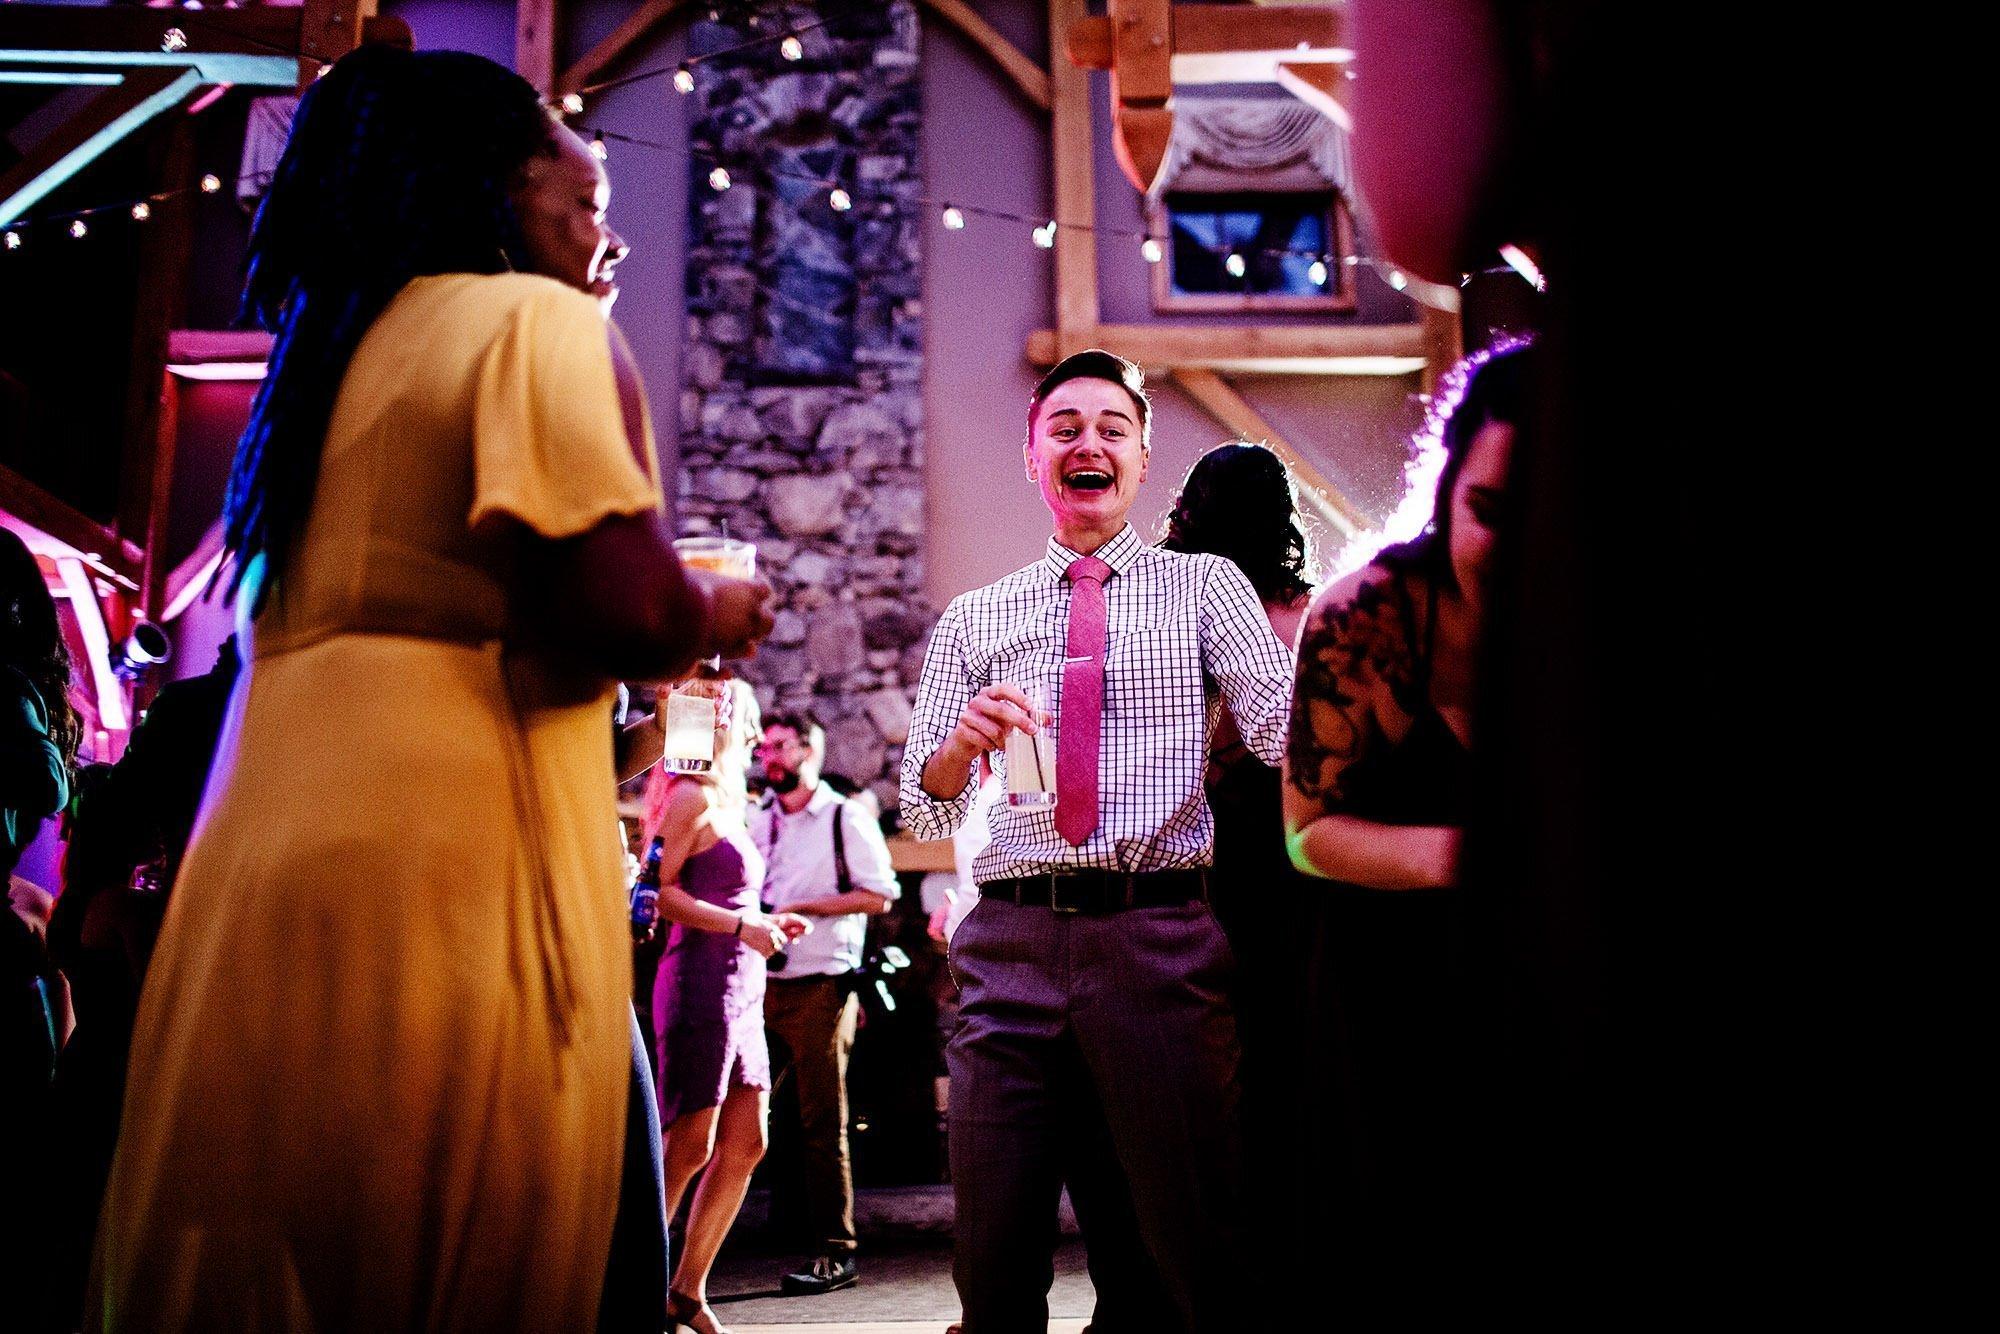 Harrington Farm Wedding  I  Guests enjoy the wedding reception.